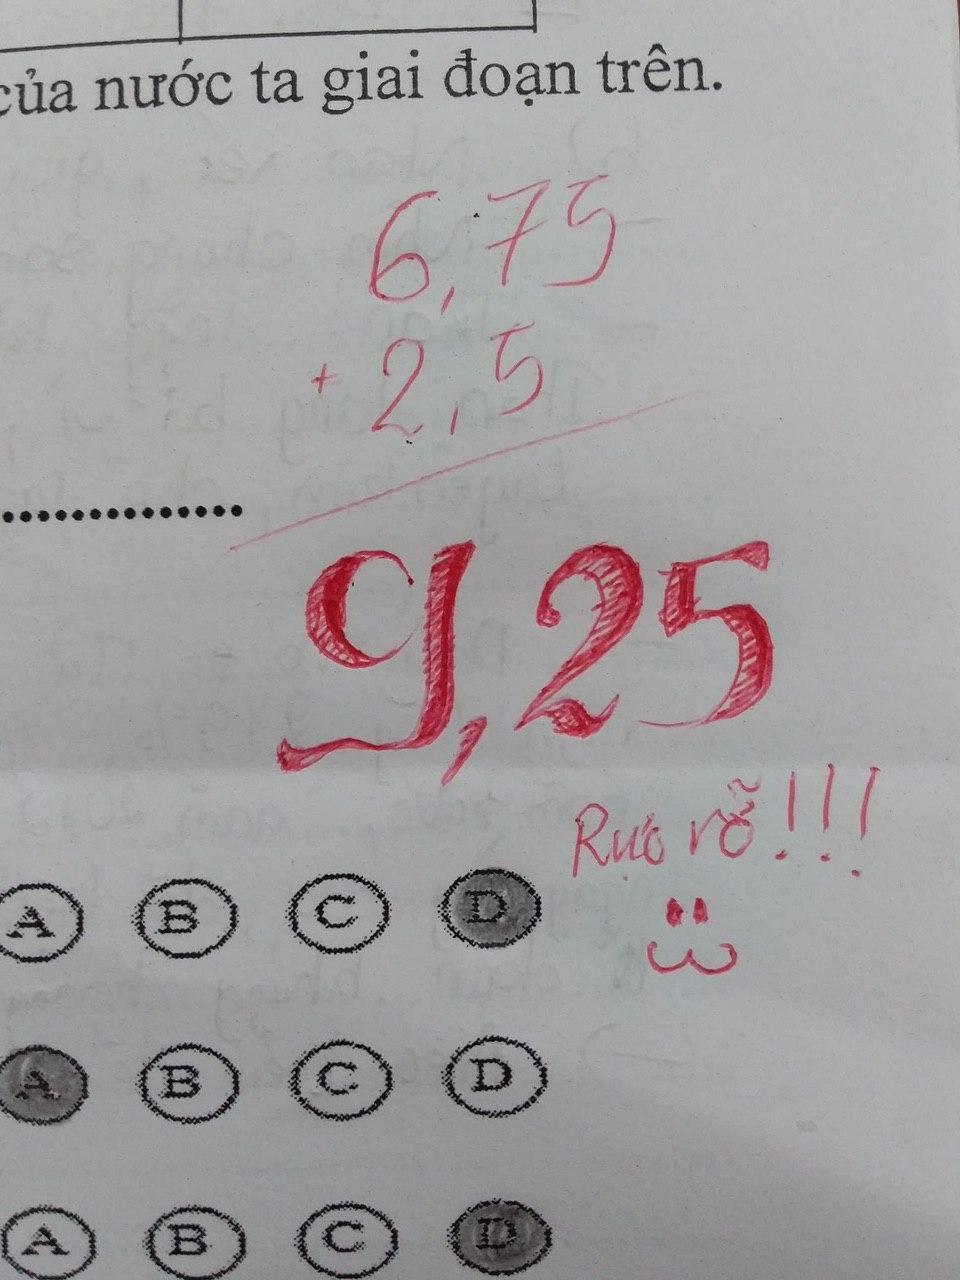 Cô giáo quá bận và nhờ người chấm bài giúp, học sinh ai nấy hú hét vì lời phê ngọt lịm tim nhưng tò mò nhất là cách chấm điểm - Ảnh 5.